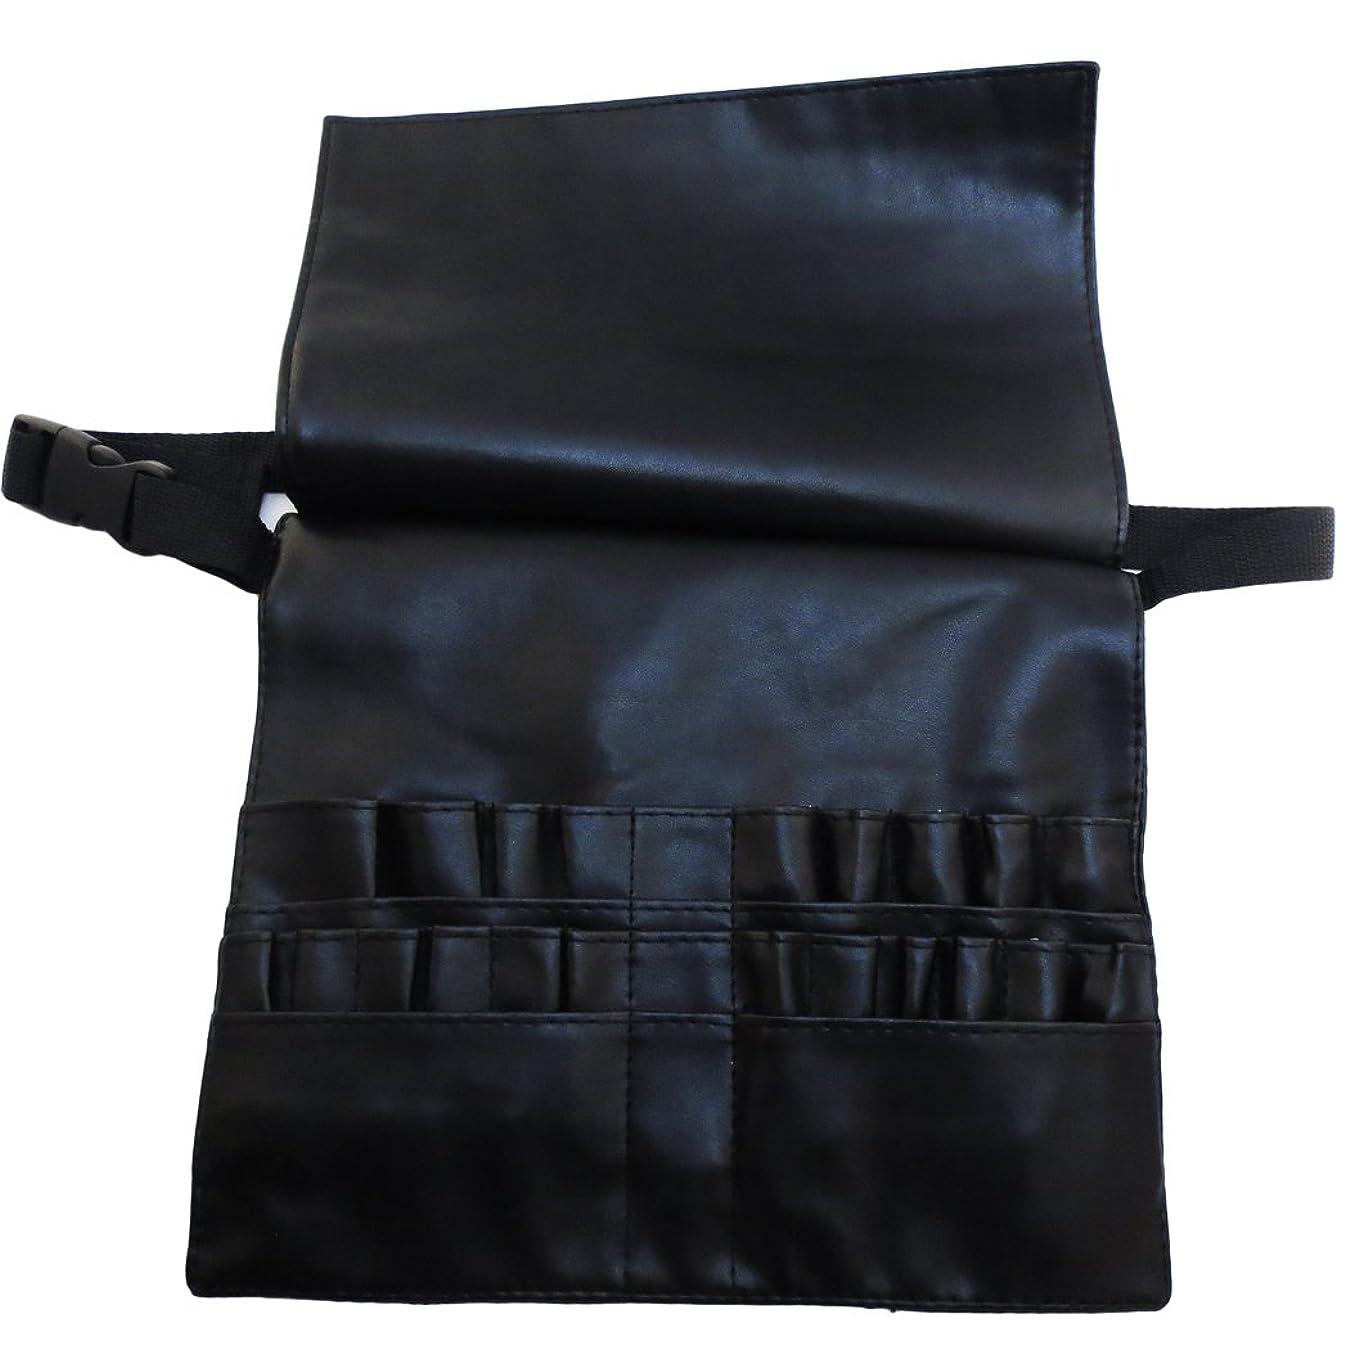 追うトレーニングめ言葉[モノジー] MONOZY メイクブラシ ケース 蓋付き プロ用 腰巻き メイク バッグ カラビナ セット